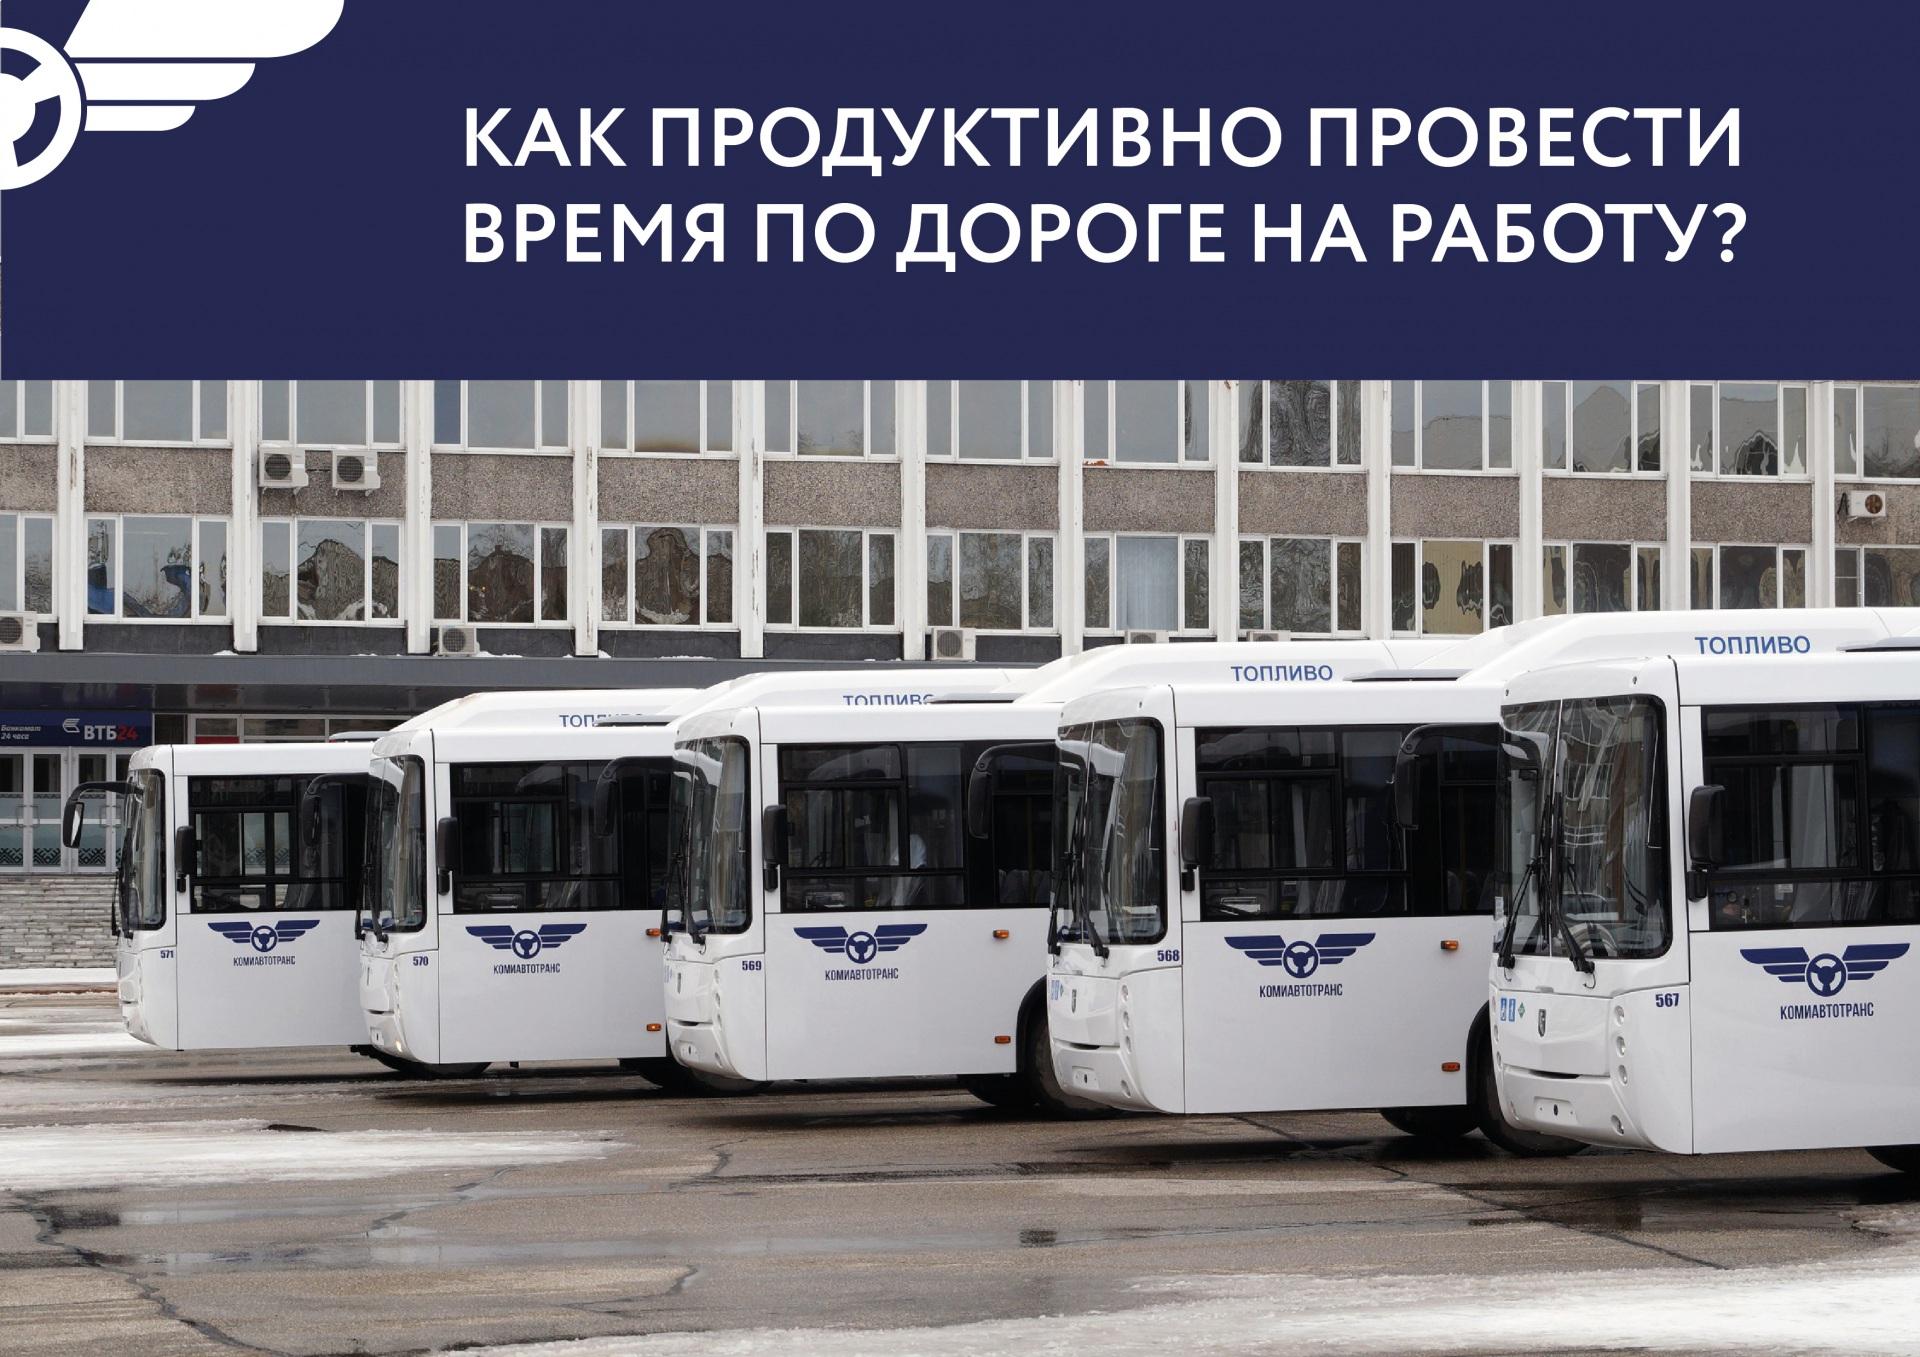 Post-dlya-VK_kak-produktivno-01.jpg